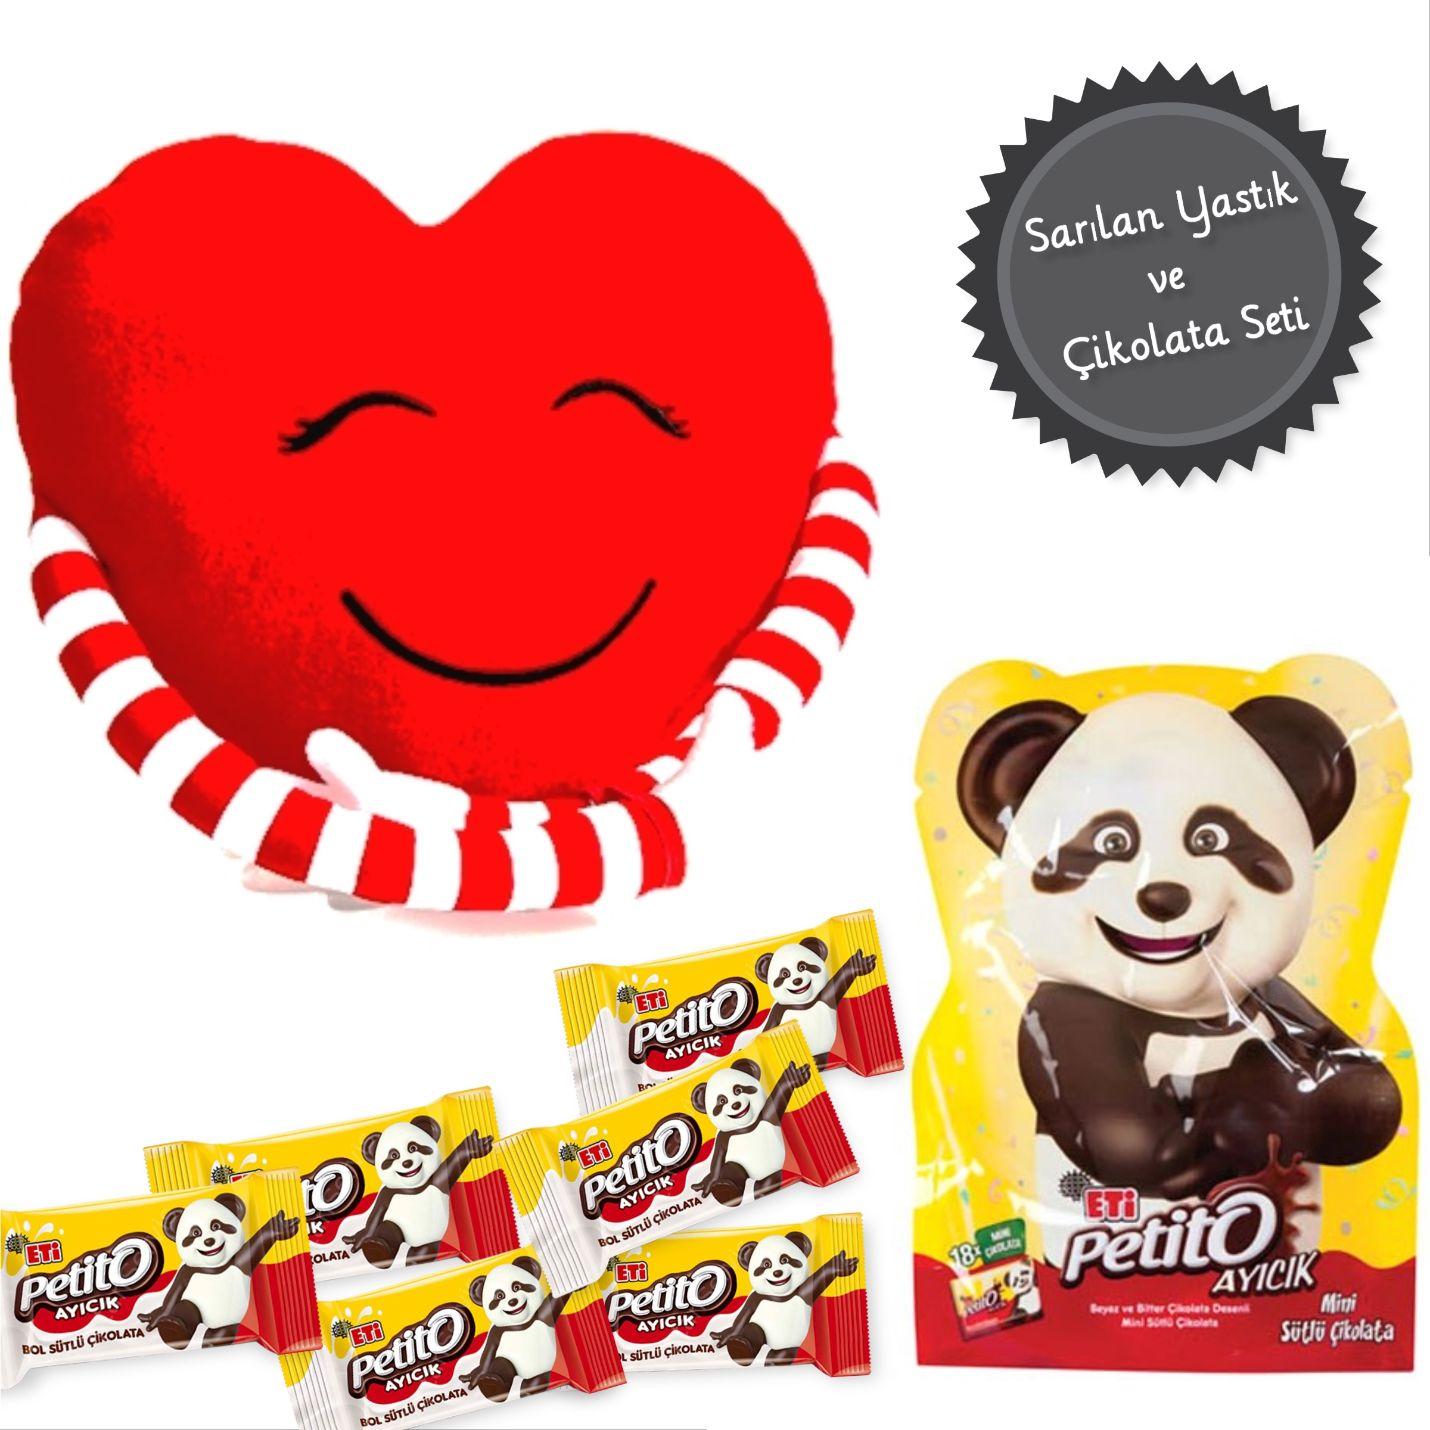 Sarılan Yastık Ve Petito Çikolata Kombini - K2